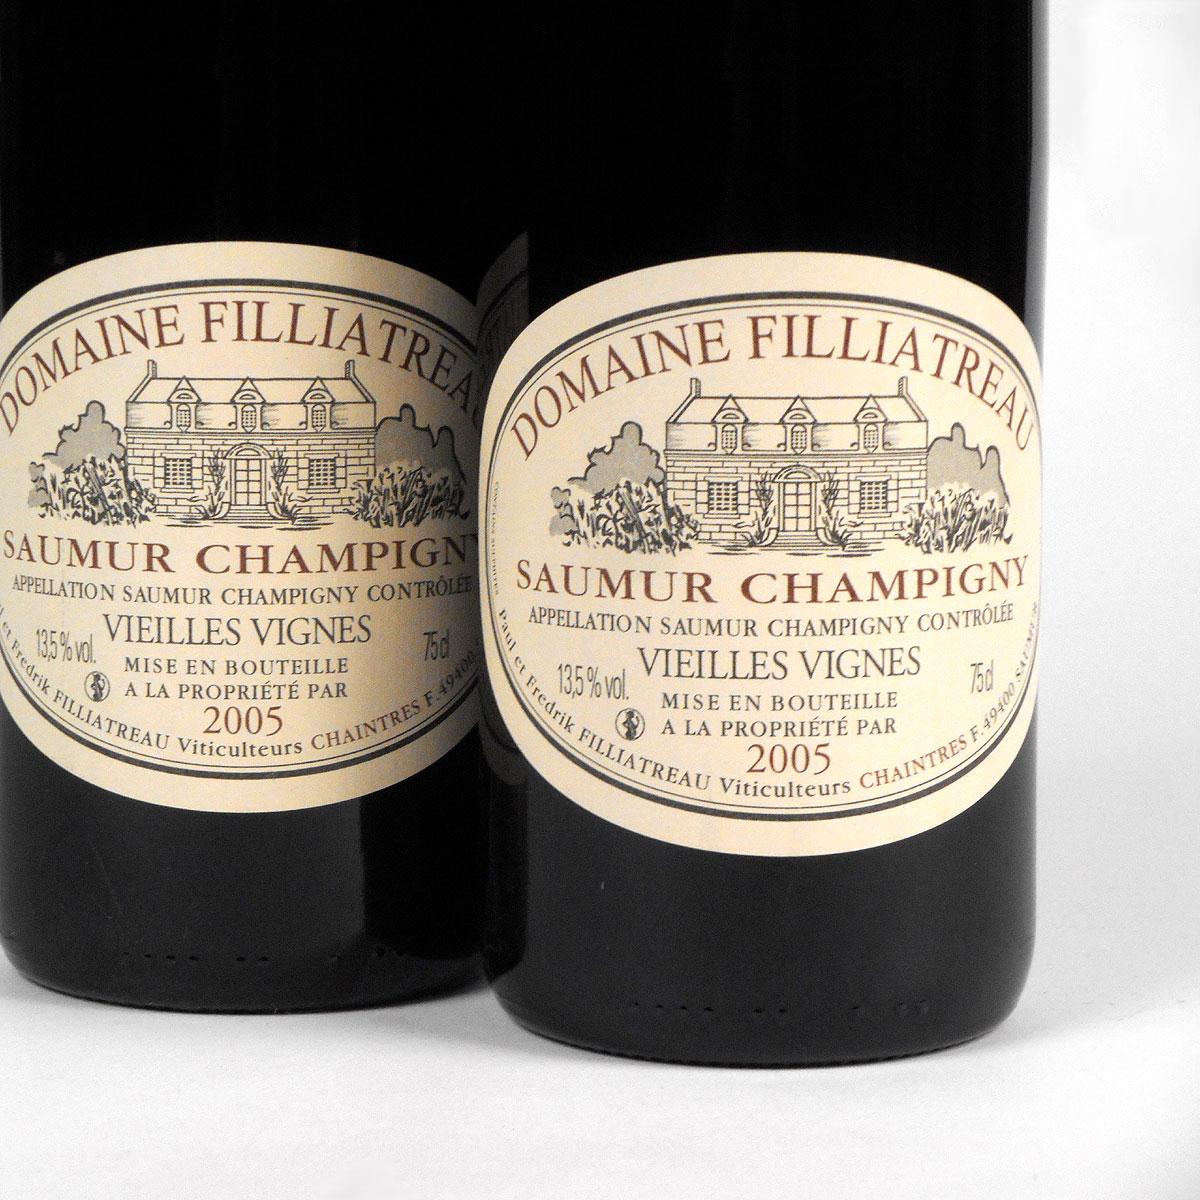 Saumur Champigny: Domaine Filliatreau 'Vieilles Vignes' 2005